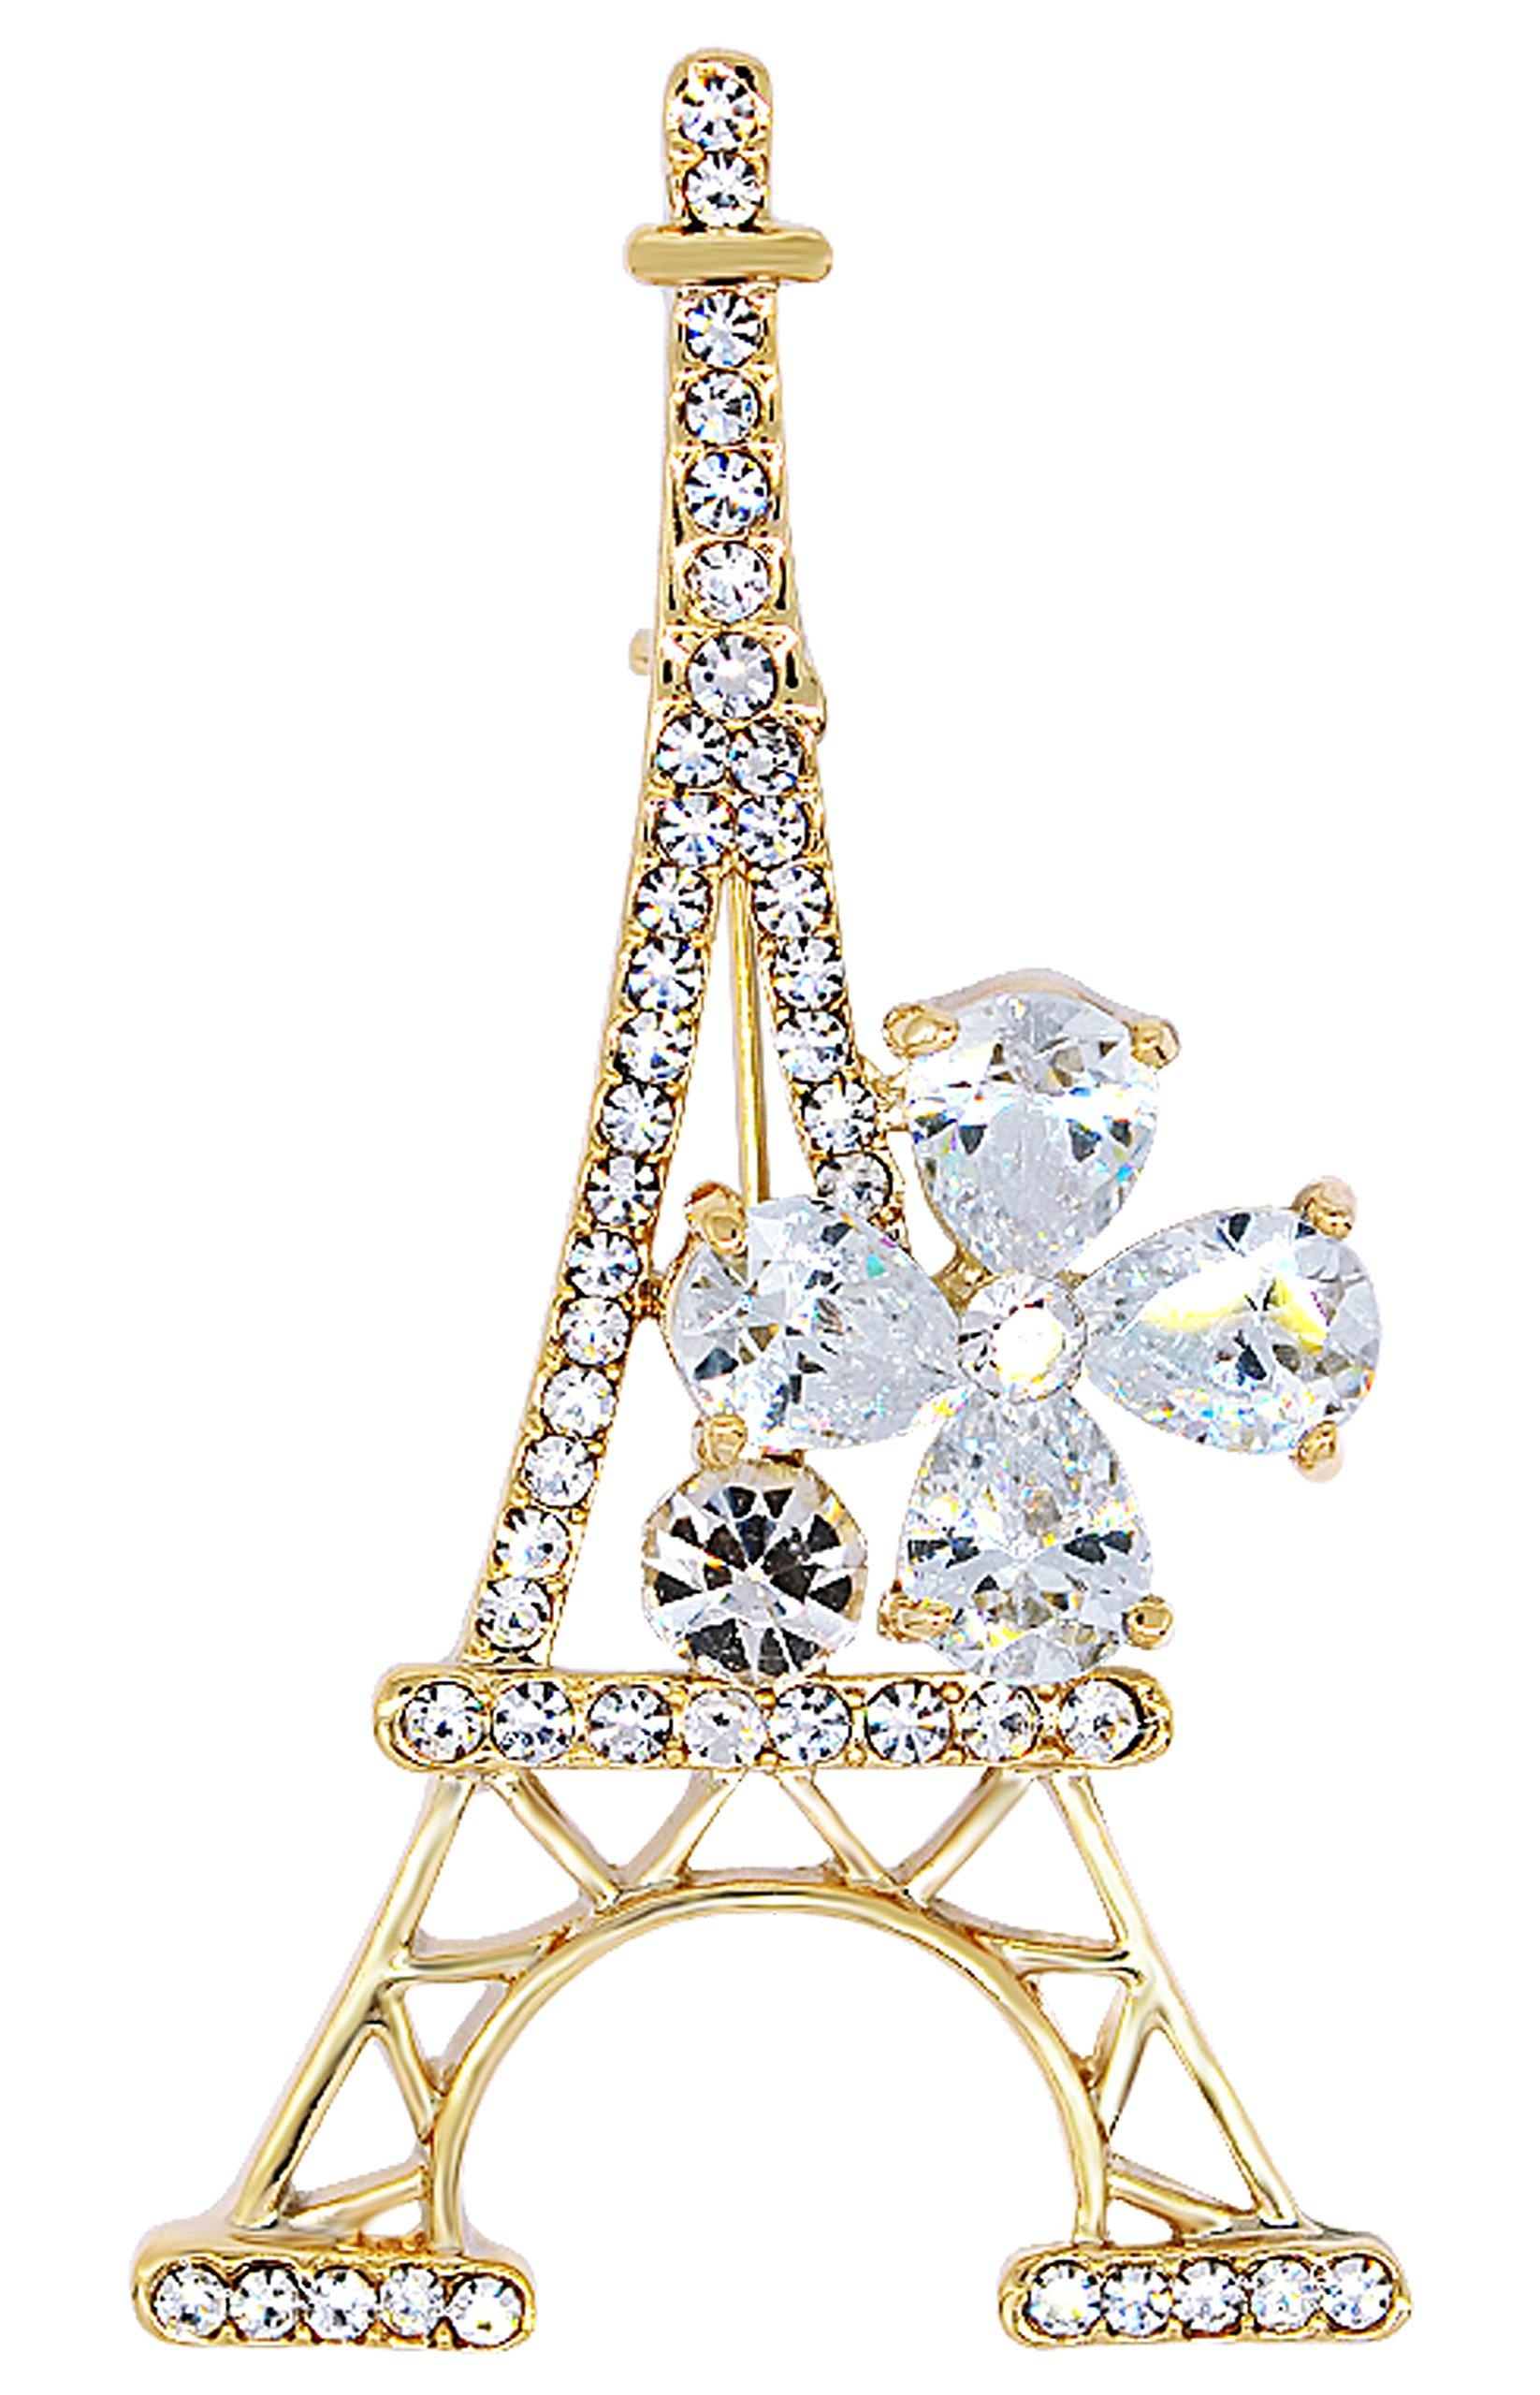 Gyn&Joy Jewelry Gold Plated Crystal Paris Eiffel Tower Fashionable Pin Brooch BZ014